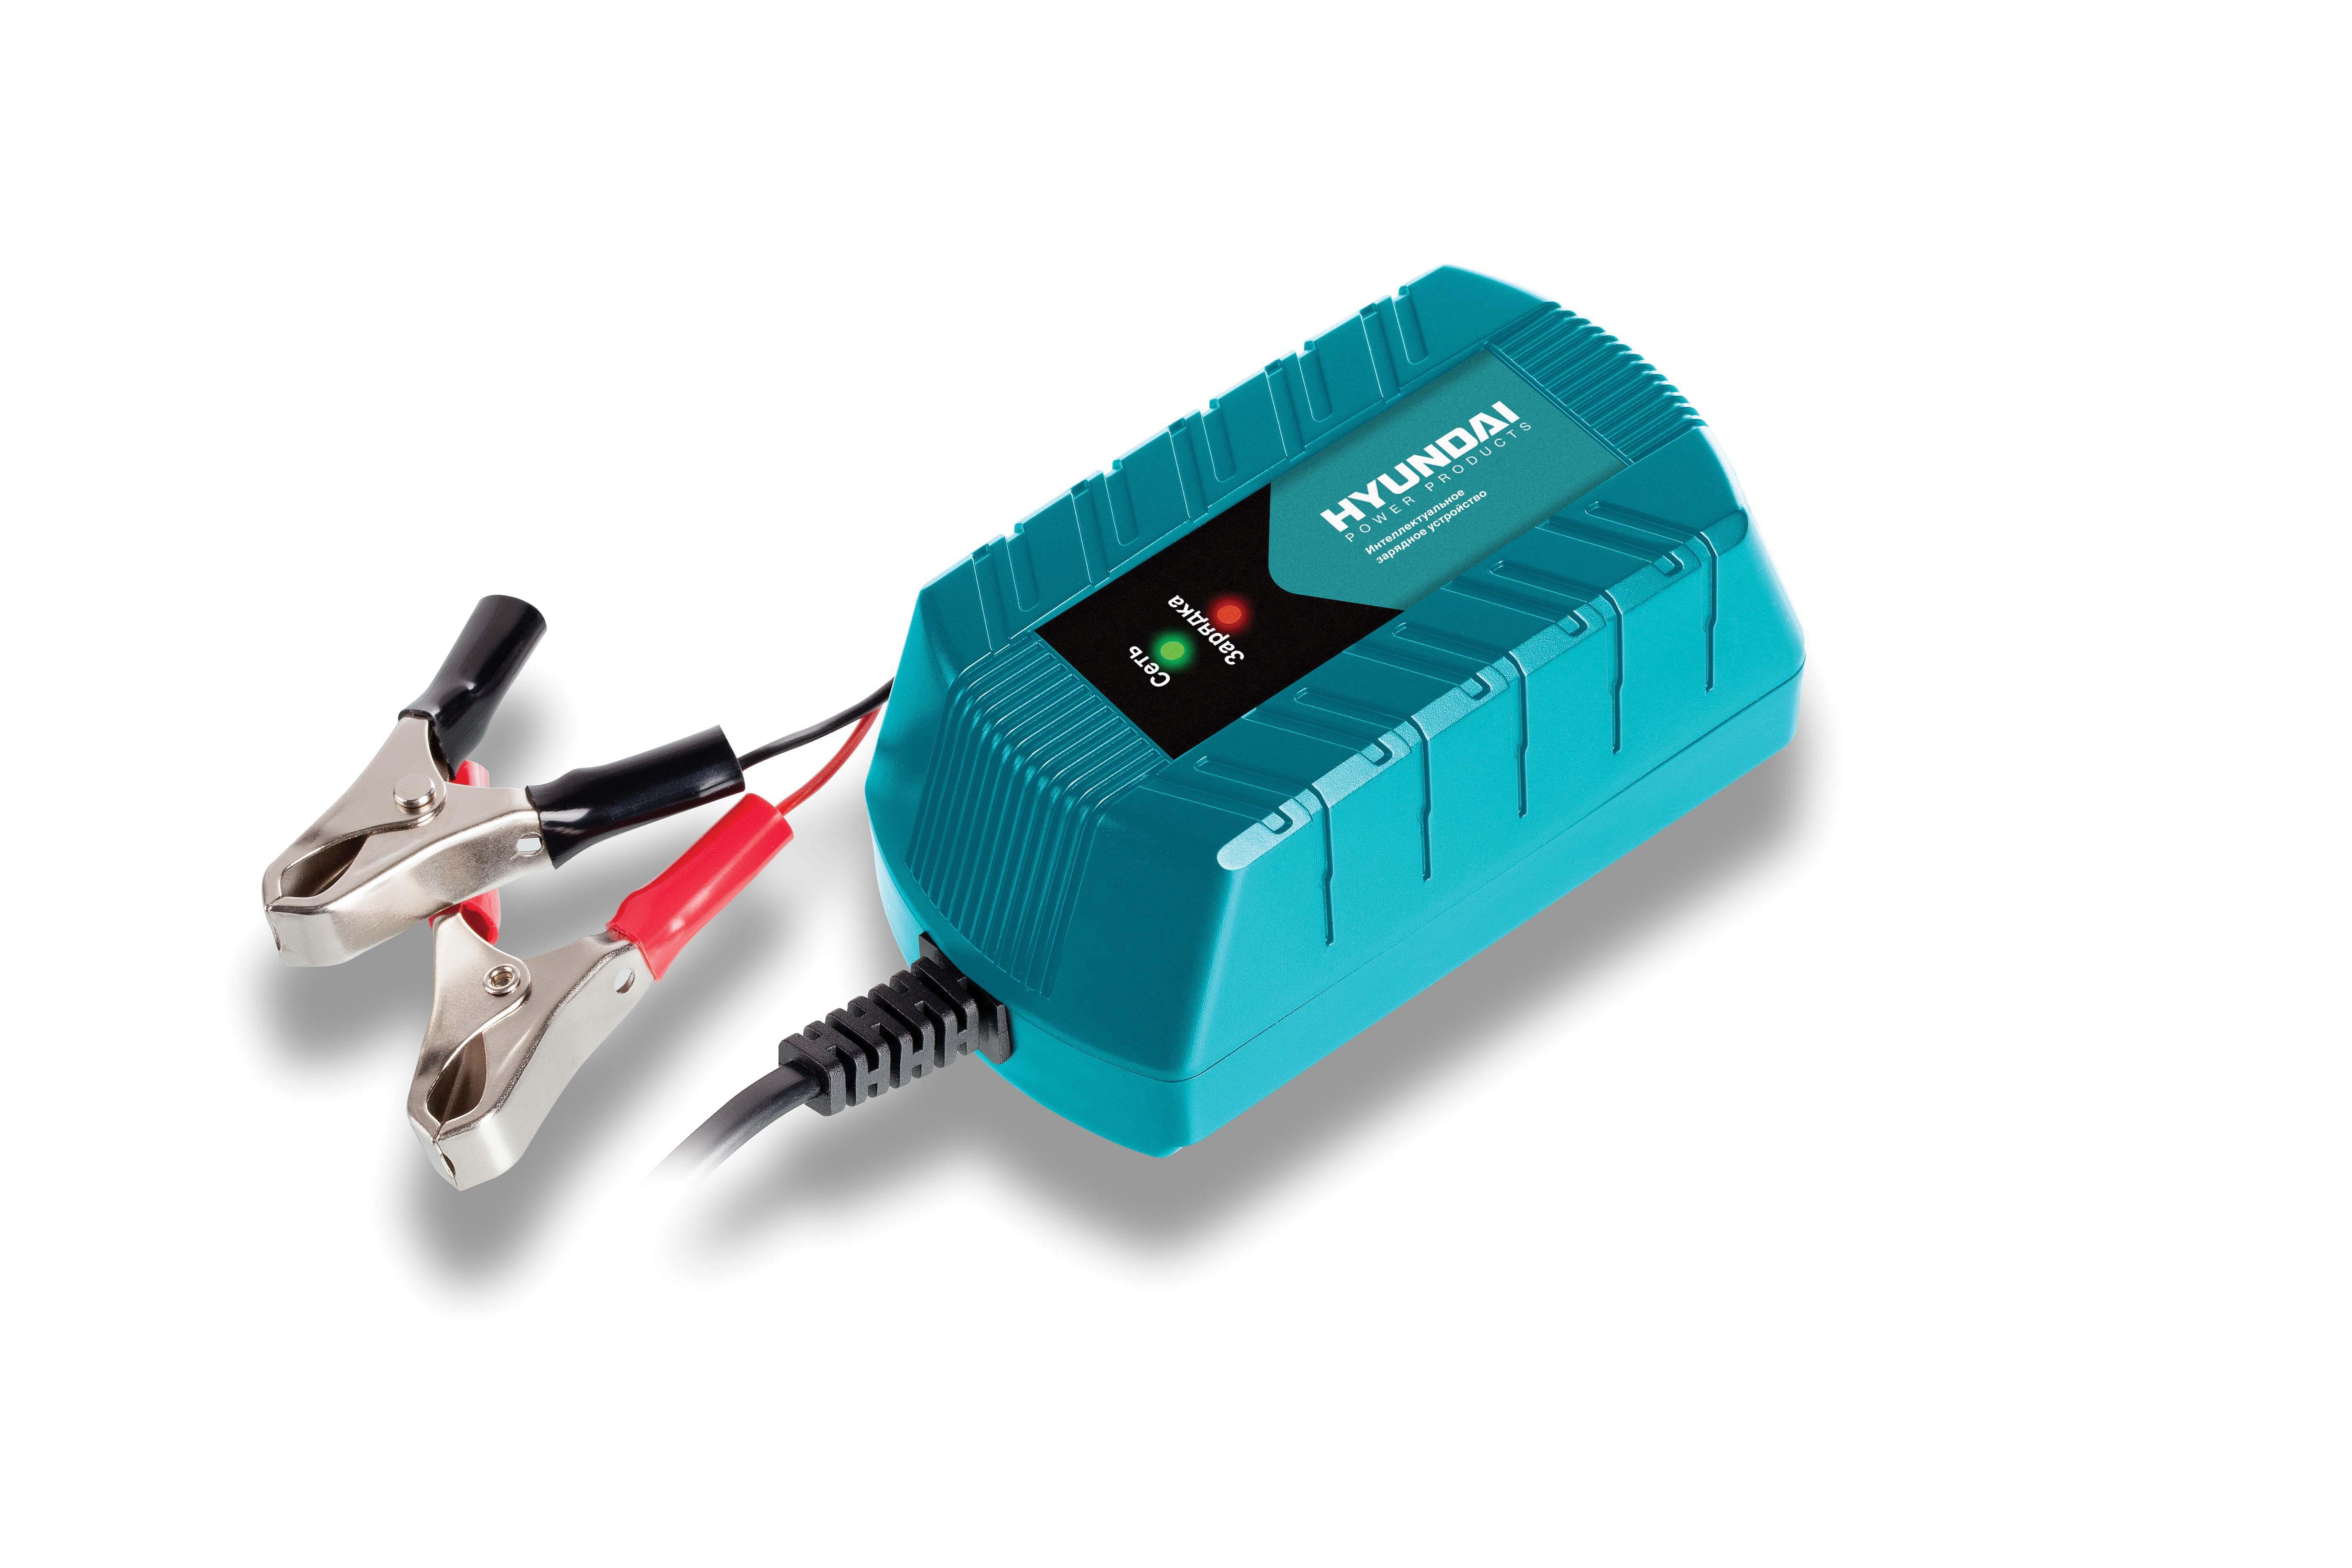 пушкина интеллектуальное зарядное устройство для авто аккумулятора отзыв написать еще